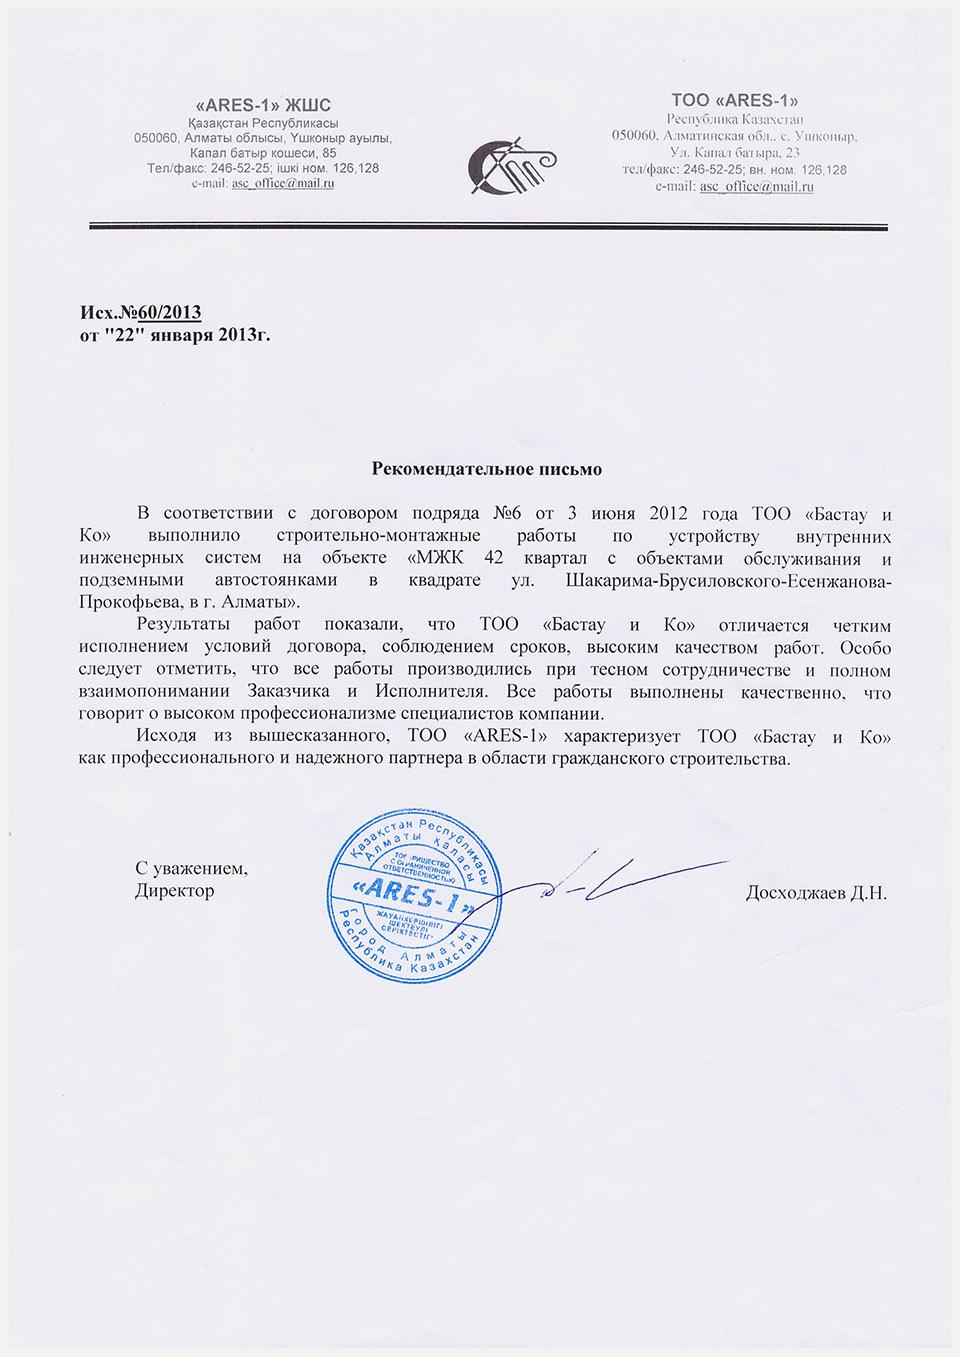 Рекомендательное письмо строительство Алматы